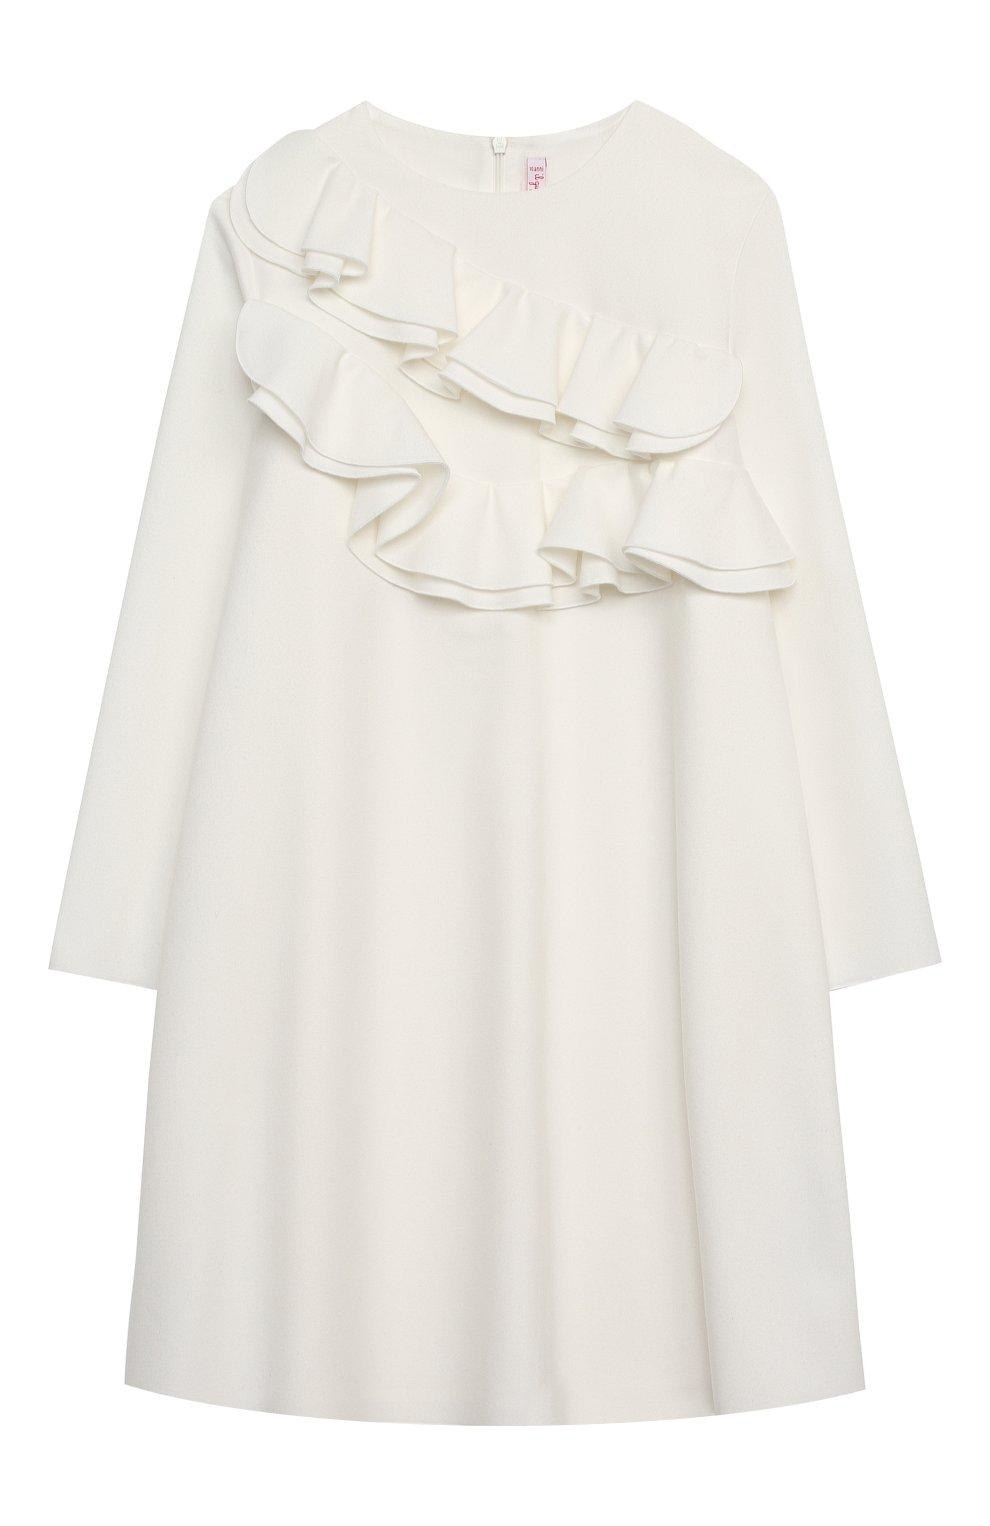 Детское платье IL GUFO белого цвета, арт. A20VL402W0003/10A-12A | Фото 1 (Рукава: Длинные; Случай: Повседневный; Материал внешний: Синтетический материал; Материал подклада: Синтетический материал; Девочки Кросс-КТ: Платье-одежда)